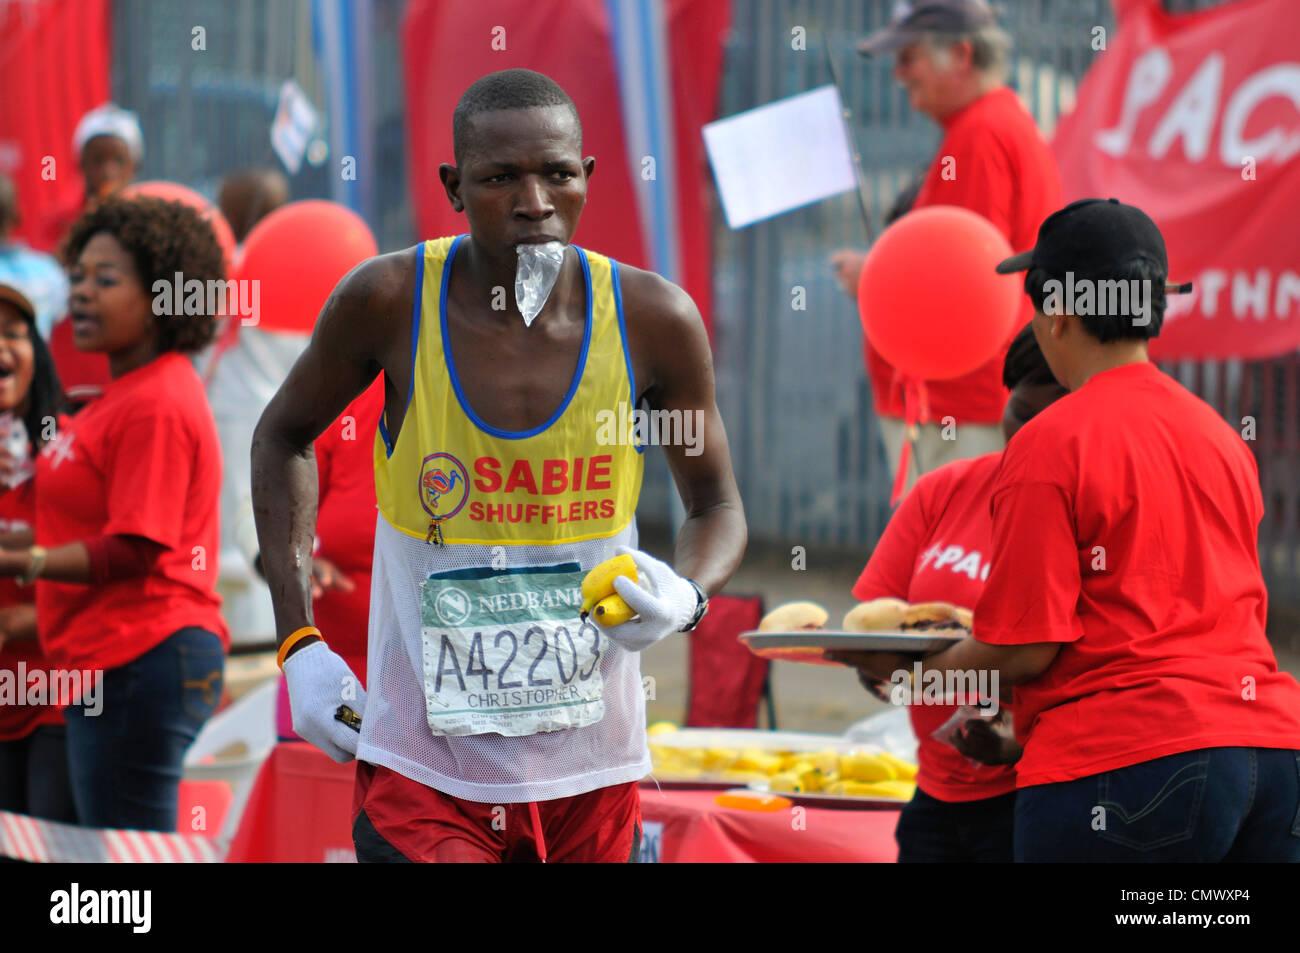 En 2009 le coureur de marathon camarades passant par Pinetown Photo Stock